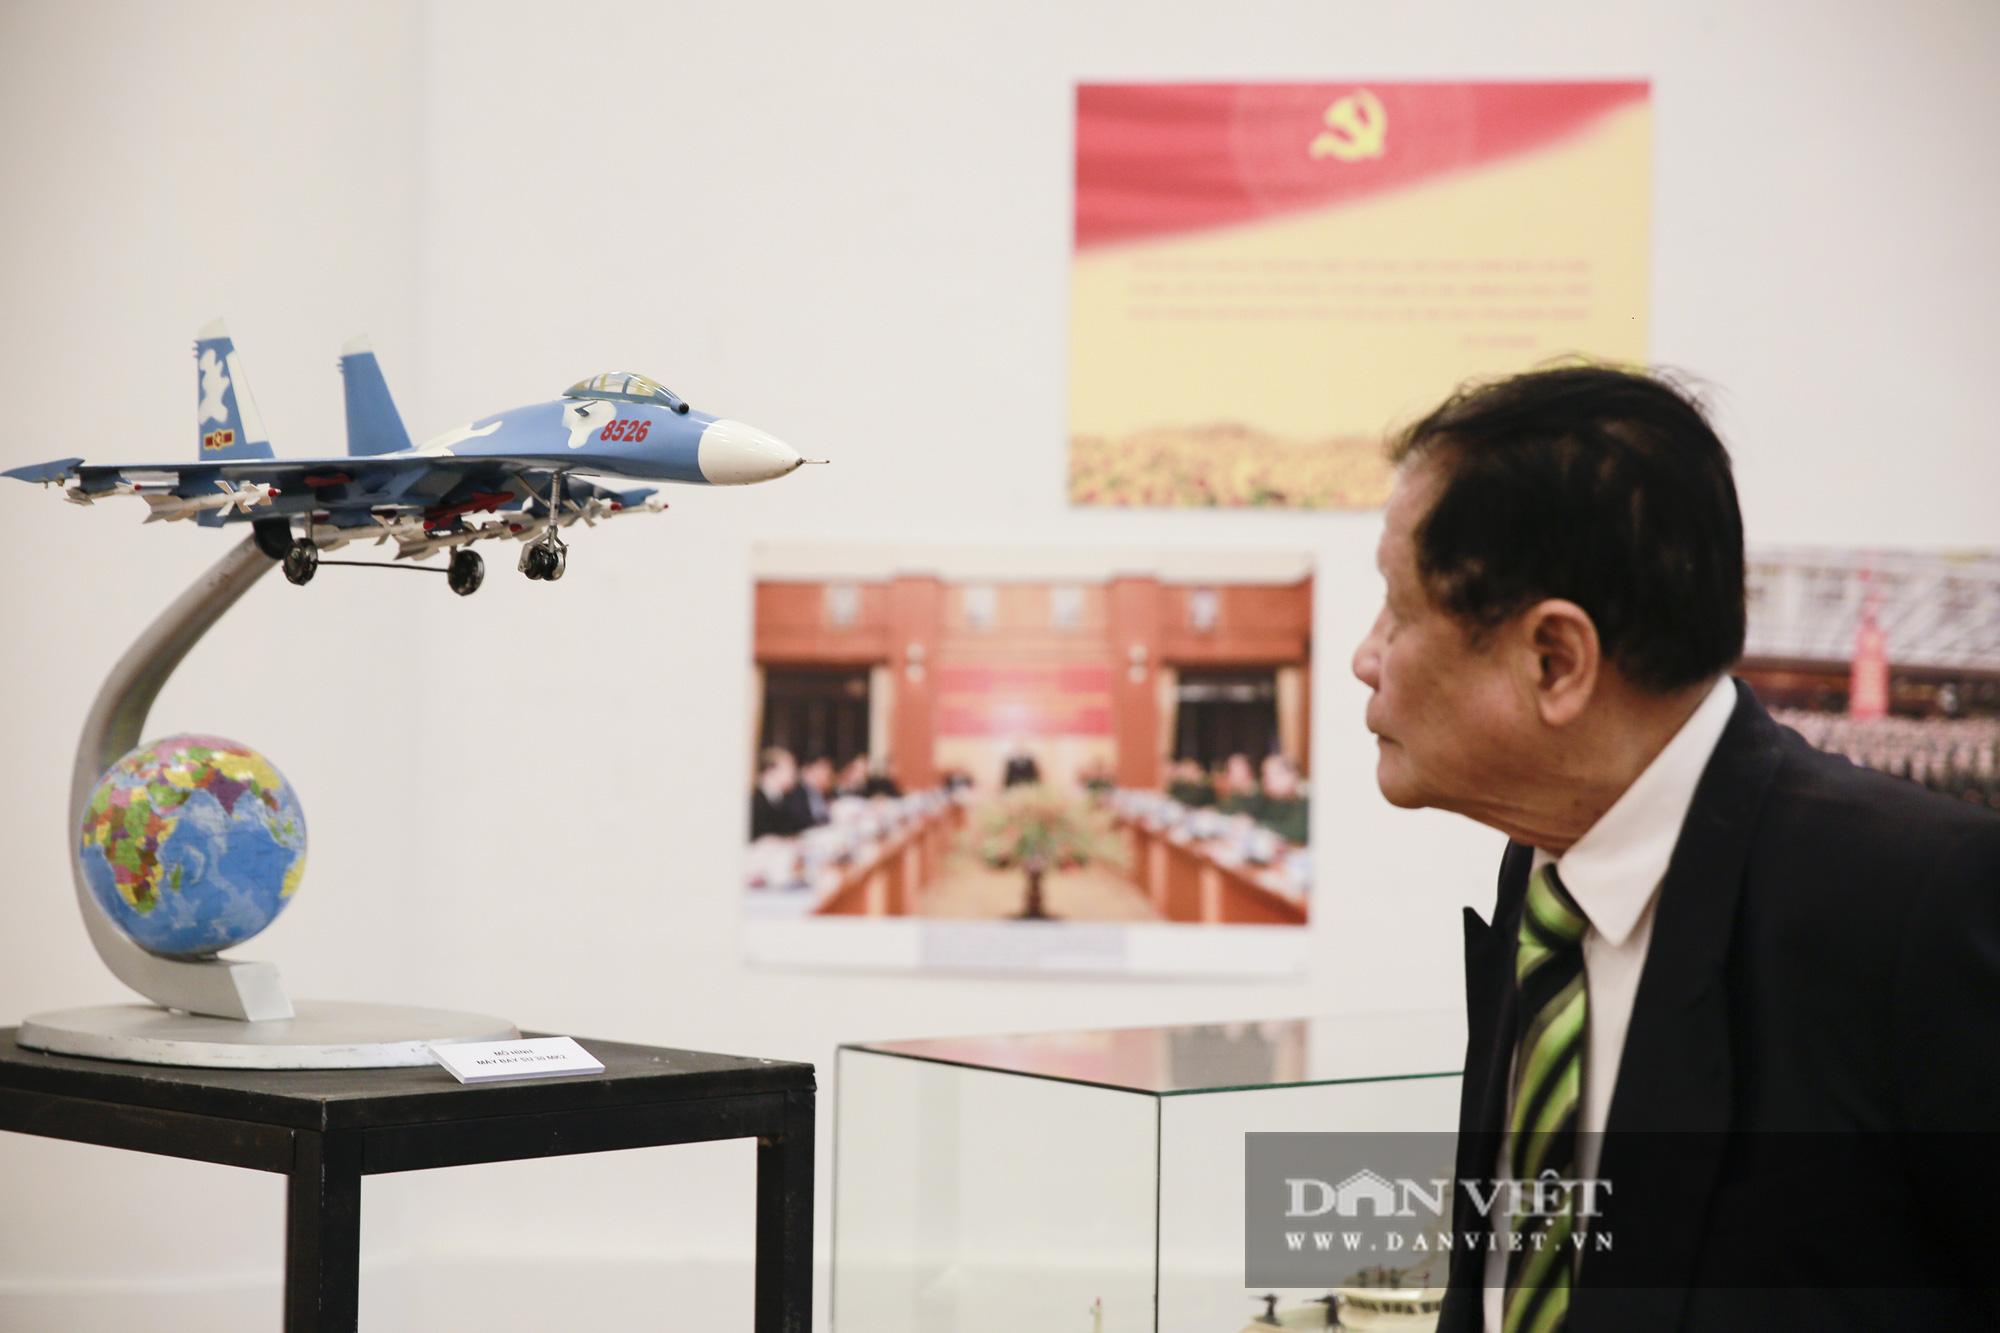 """Cận cảnh những tư liệu quý và khí tài quân sự Việt Nam tại triển lãm """"Đảng ta thật là vĩ đại"""" - Ảnh 7."""